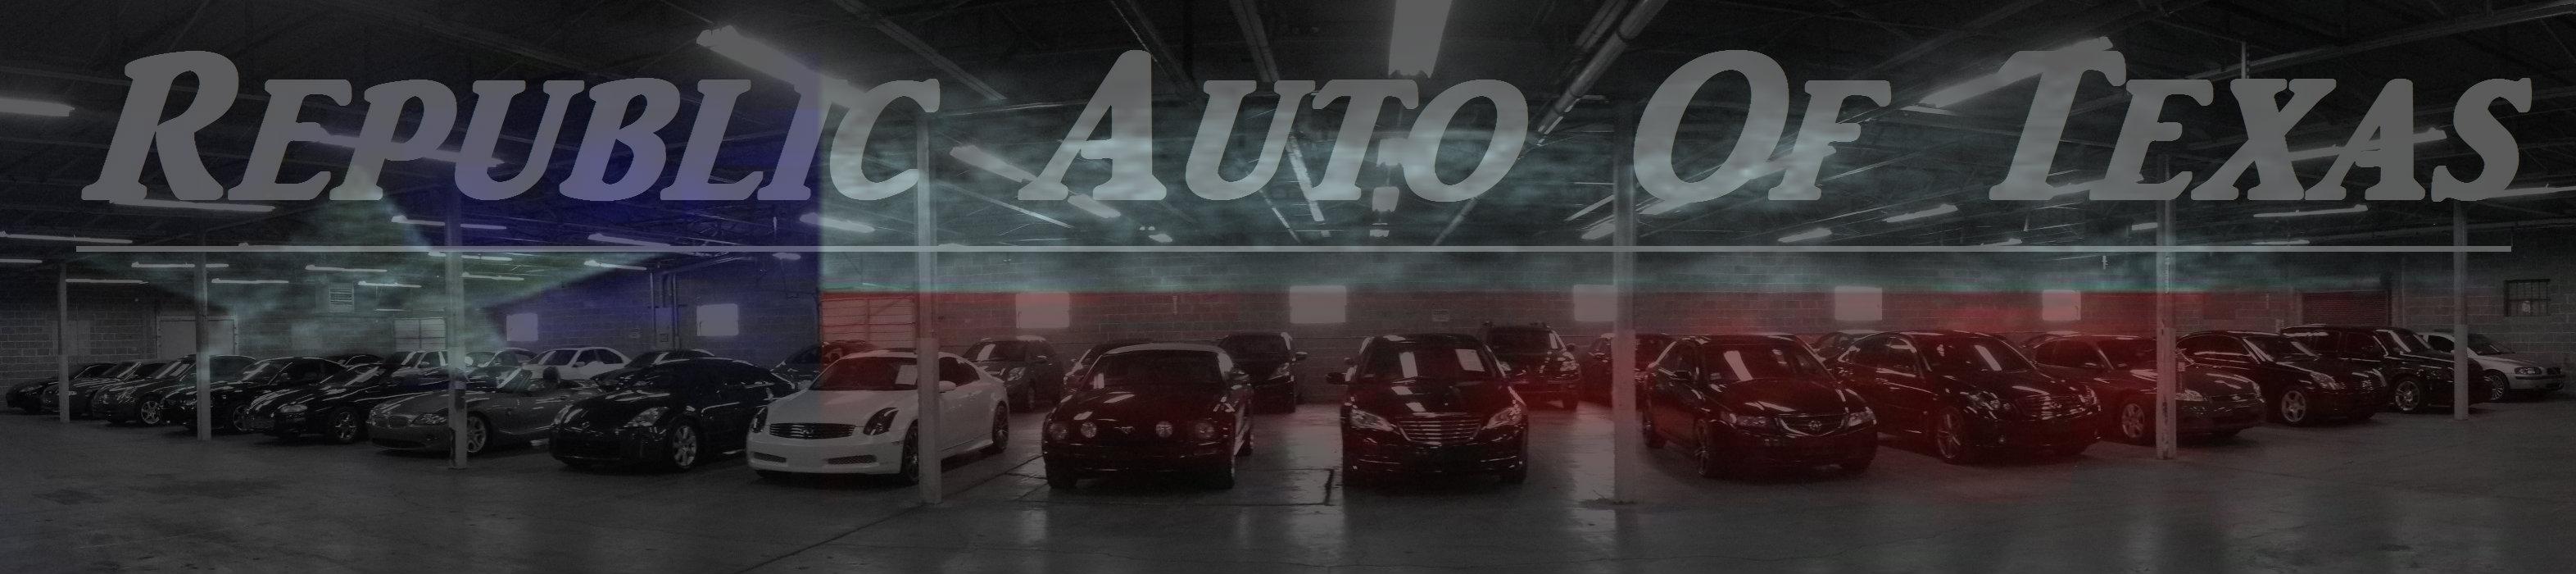 Republic Auto. (214) 229-4344